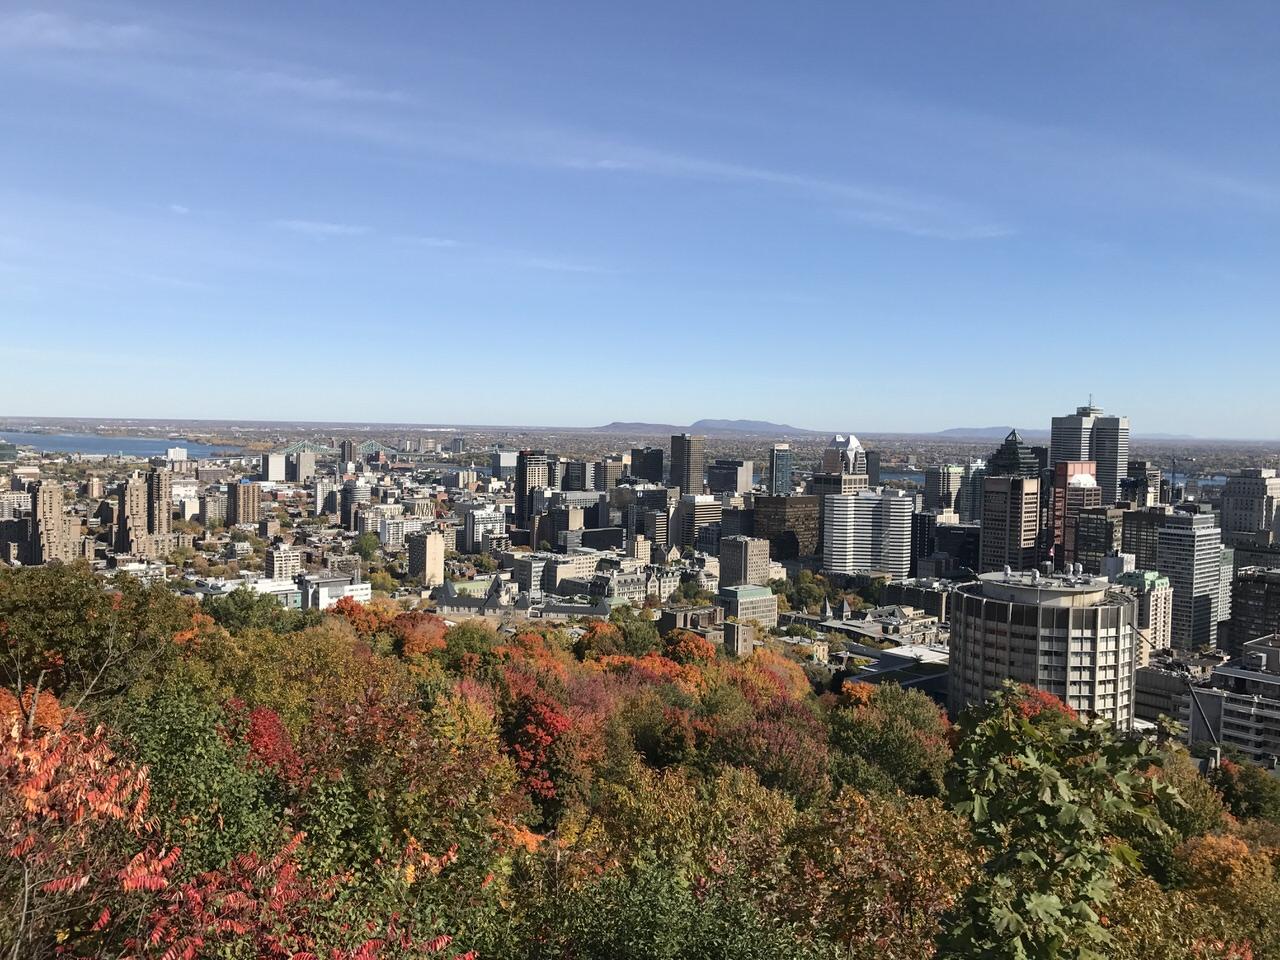 【モントリオール観光】秋の紅葉散策で1日街歩き #GoMedia2016